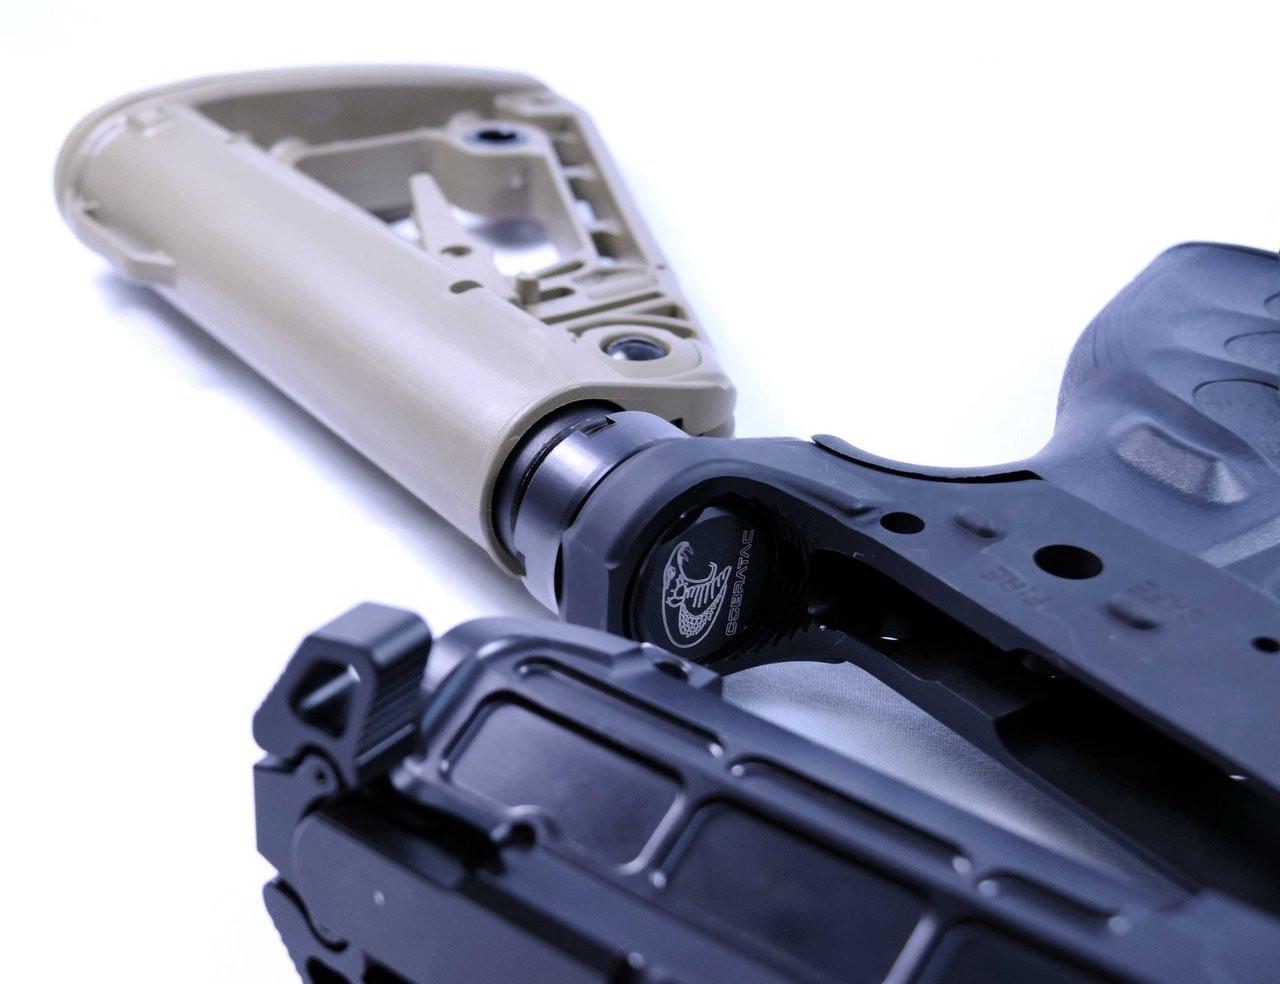 Cobratac BOA Tactical Super Stock Complete kit   M4 Mil-Spec FDE